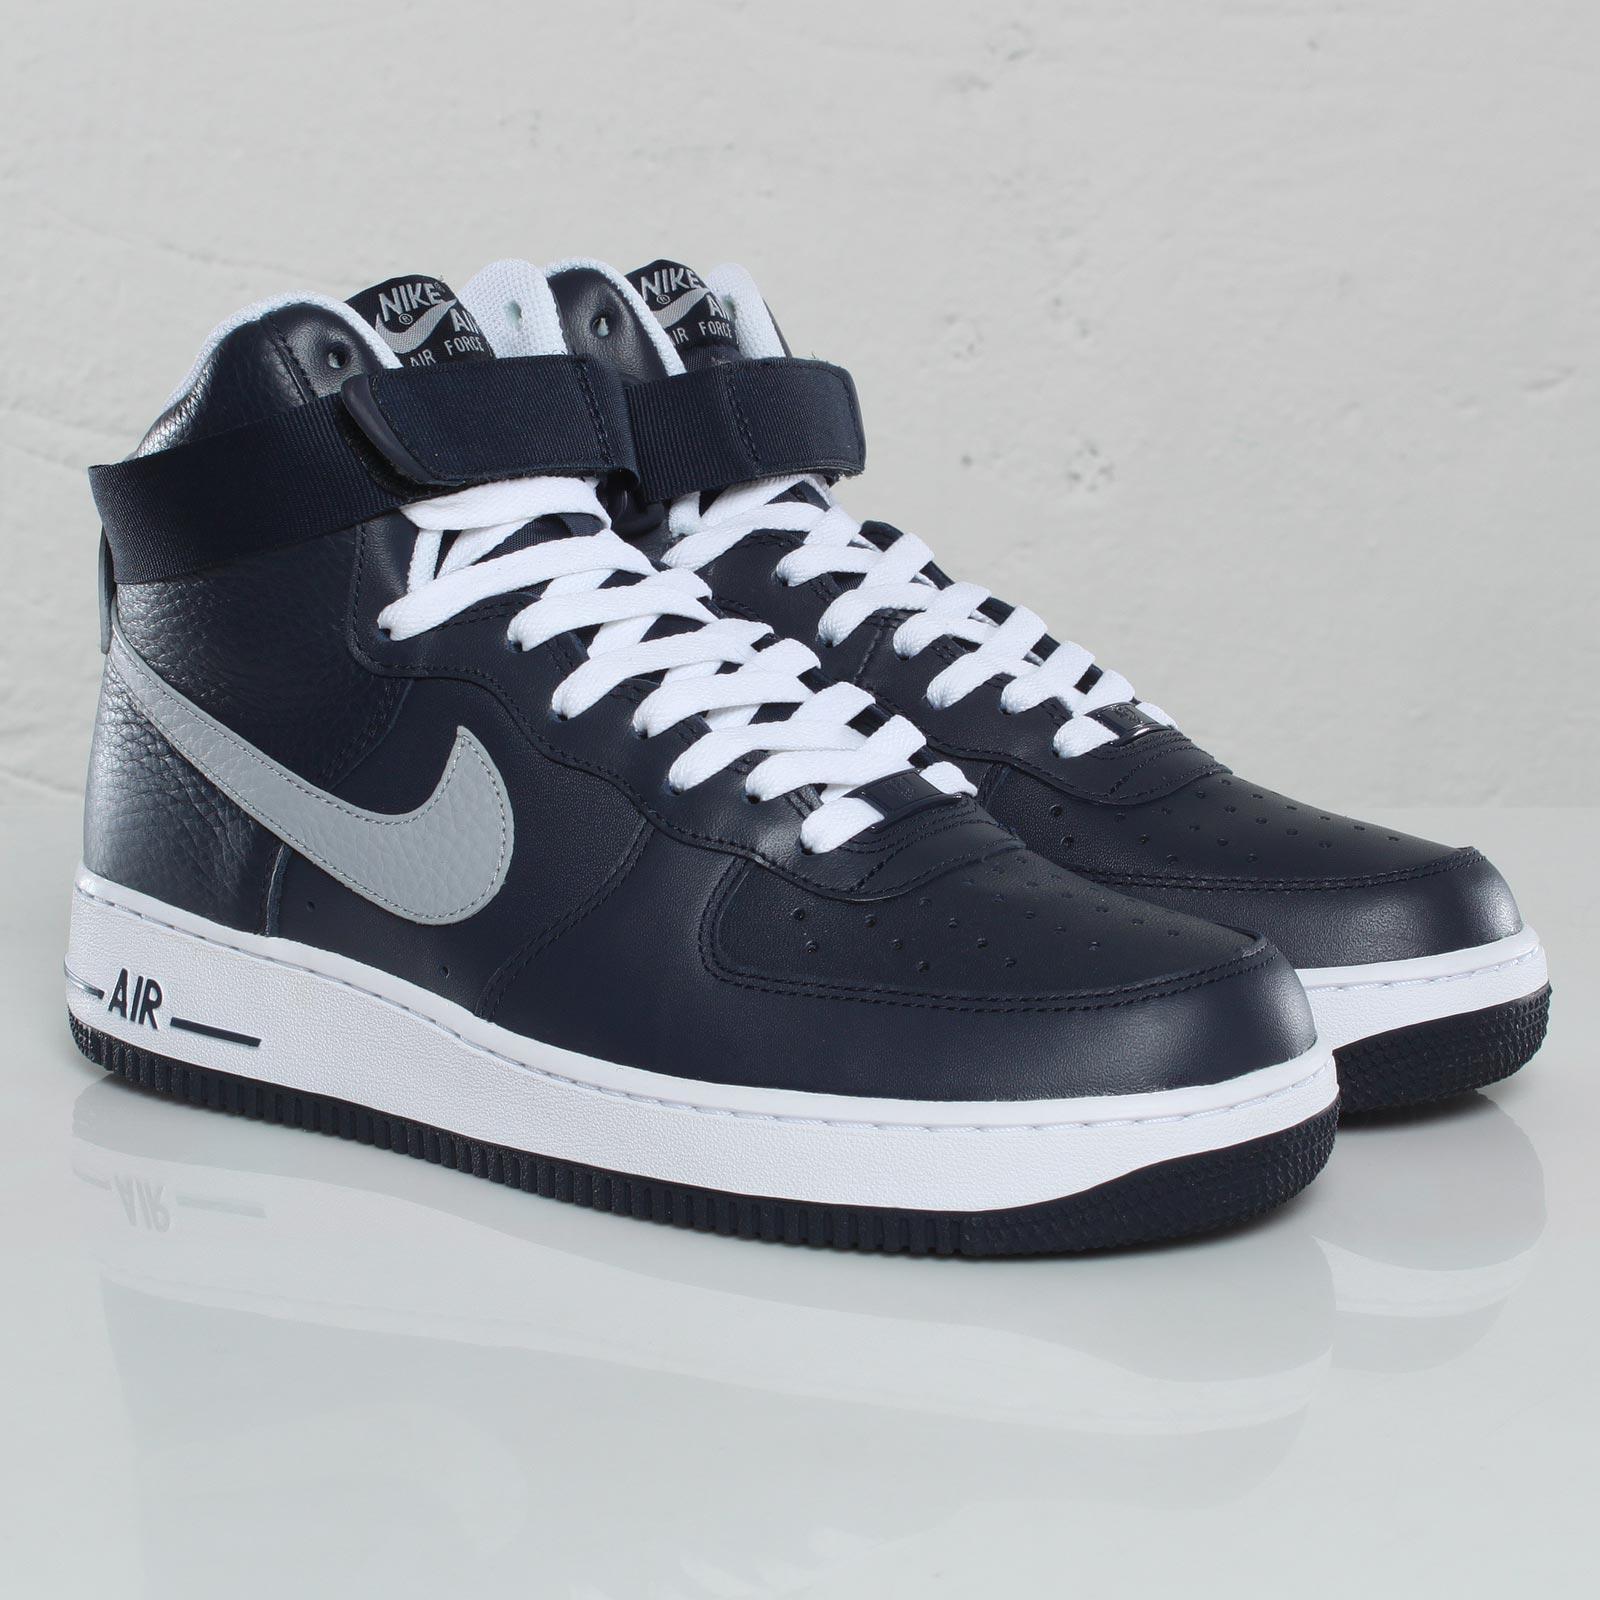 Nike Air Force 1 High '07 White 6